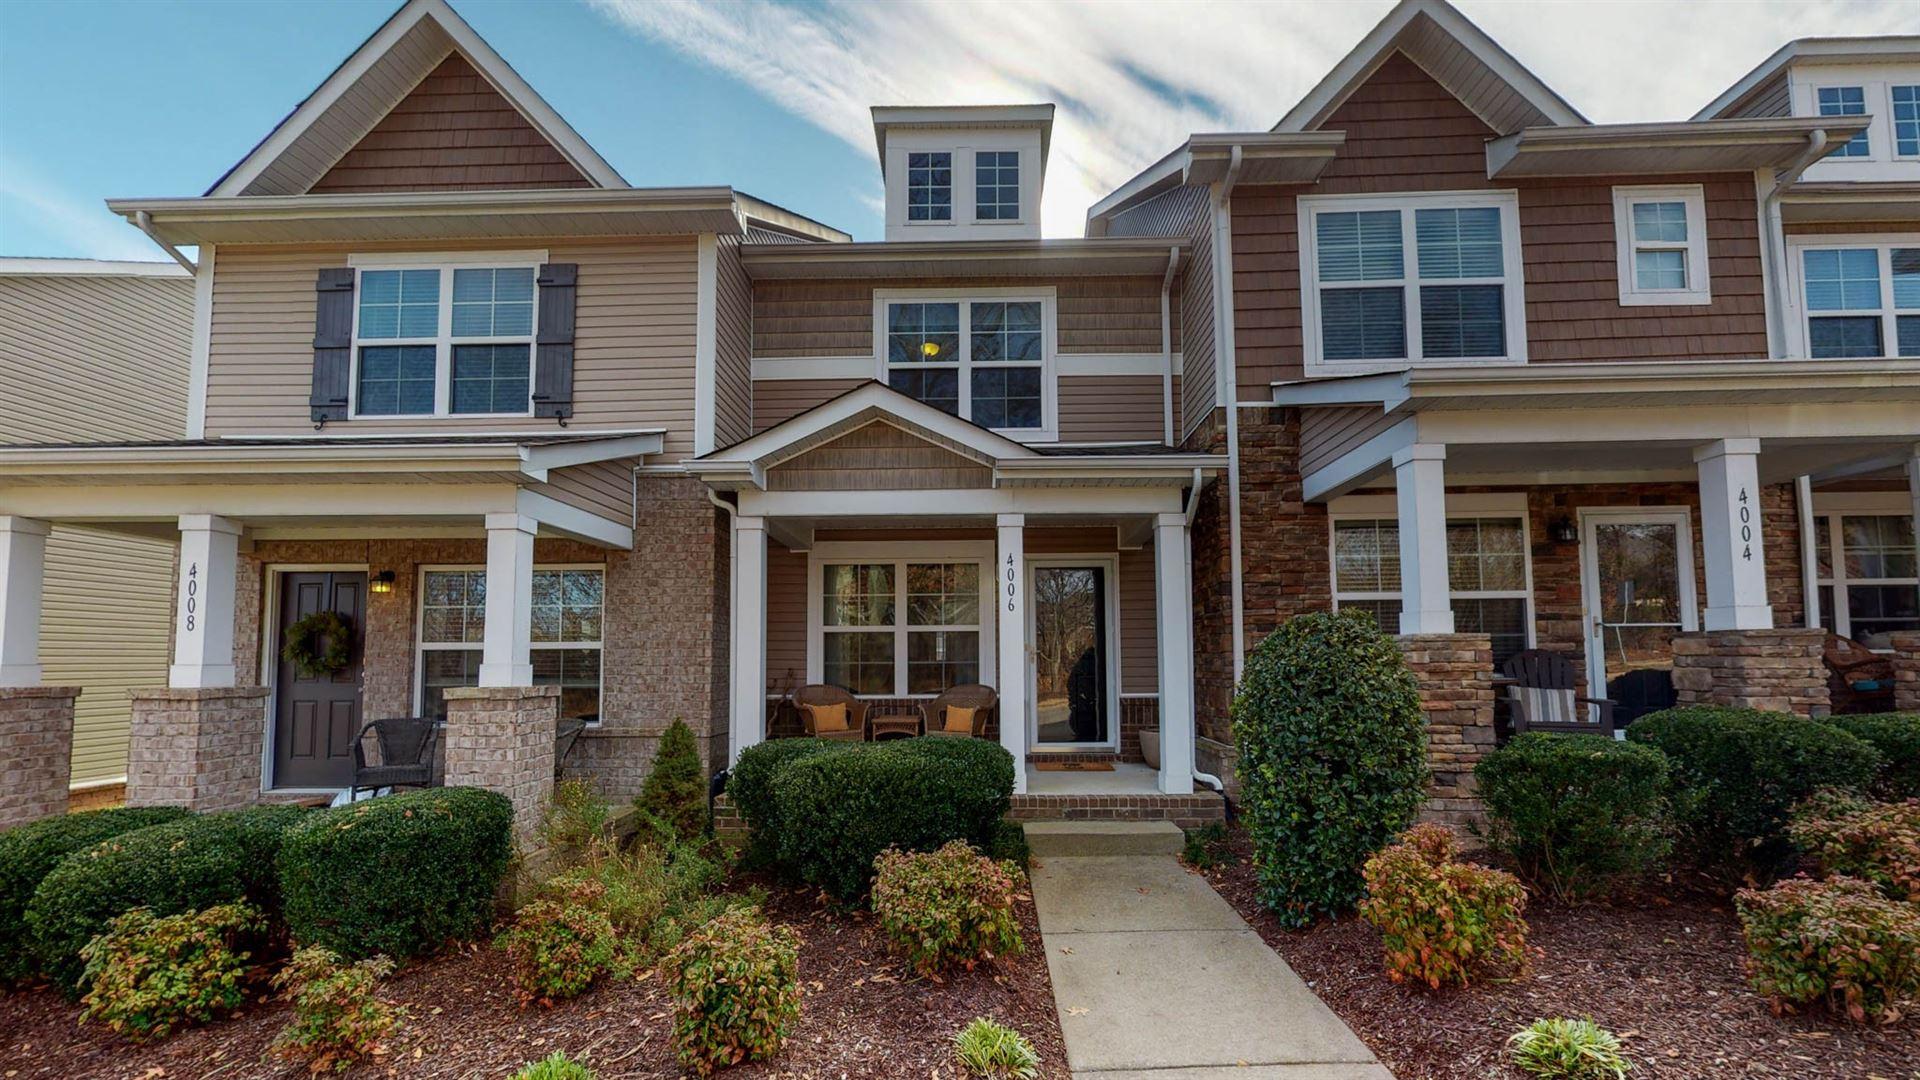 4006 Hoggett Ford Rd, Hermitage, TN 37076 - MLS#: 2232703